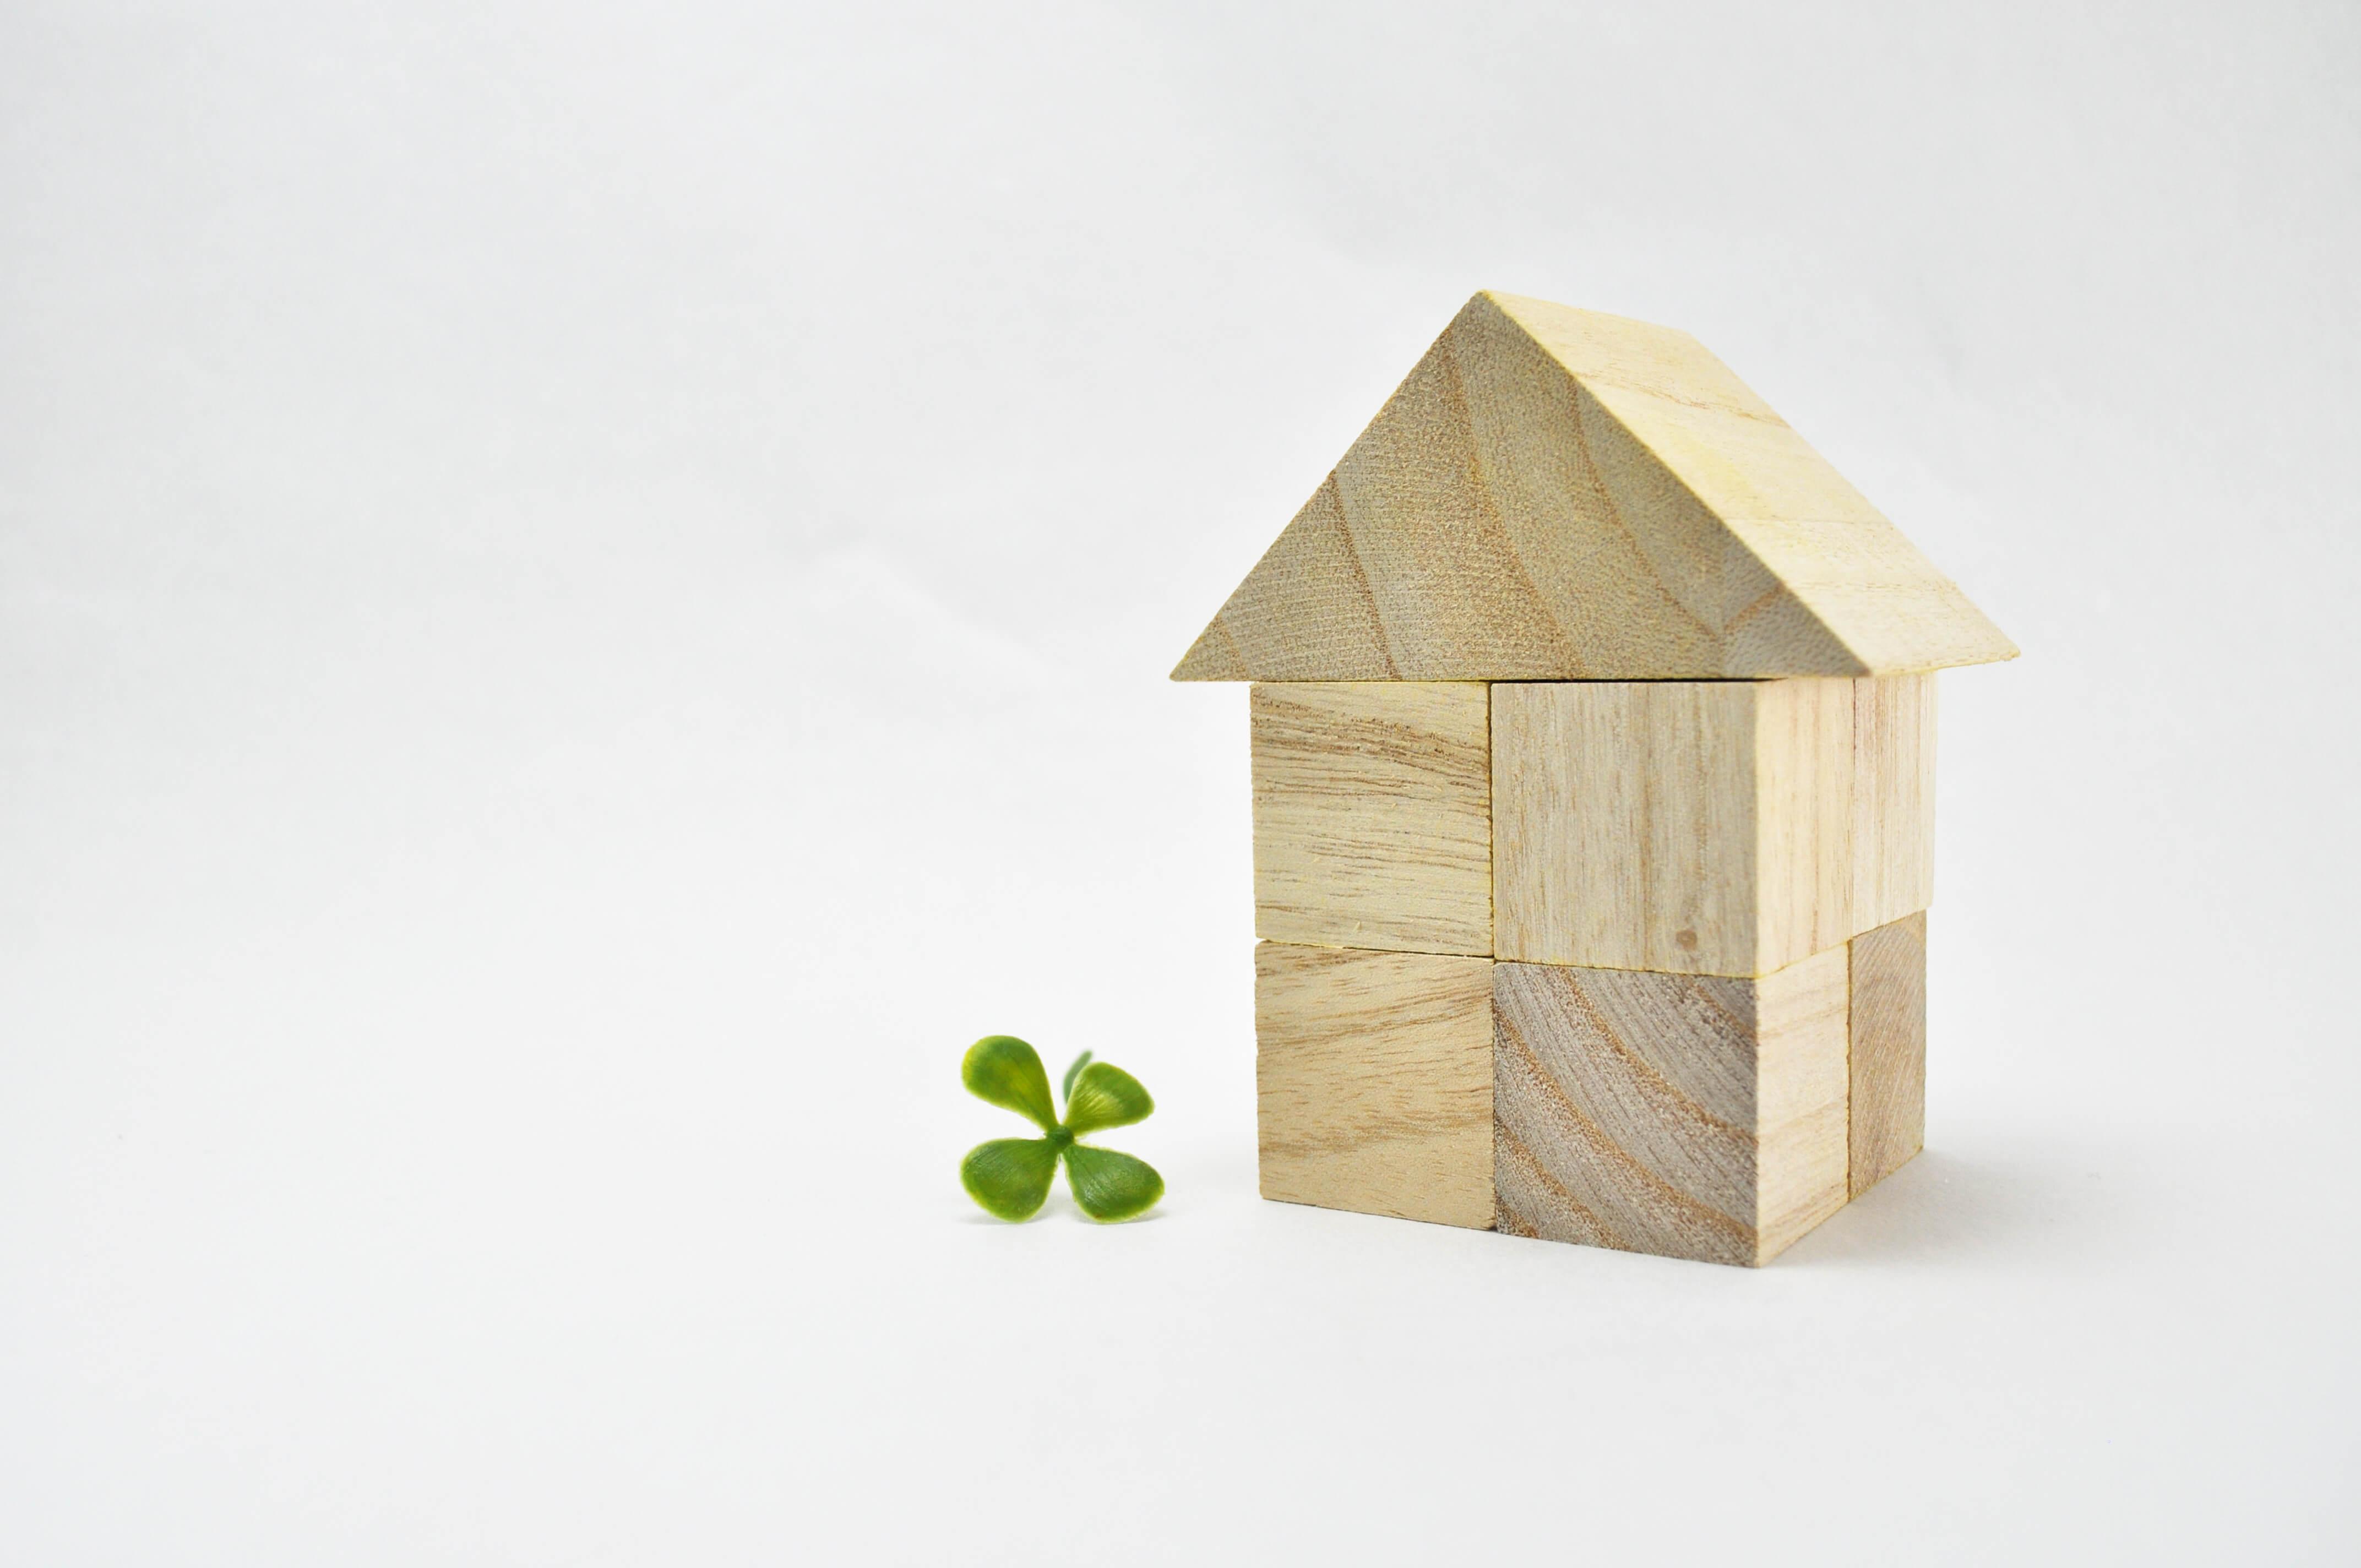 和歌山に注文住宅を建てたい方へ!断熱材の役割や選び方のポイントとは?